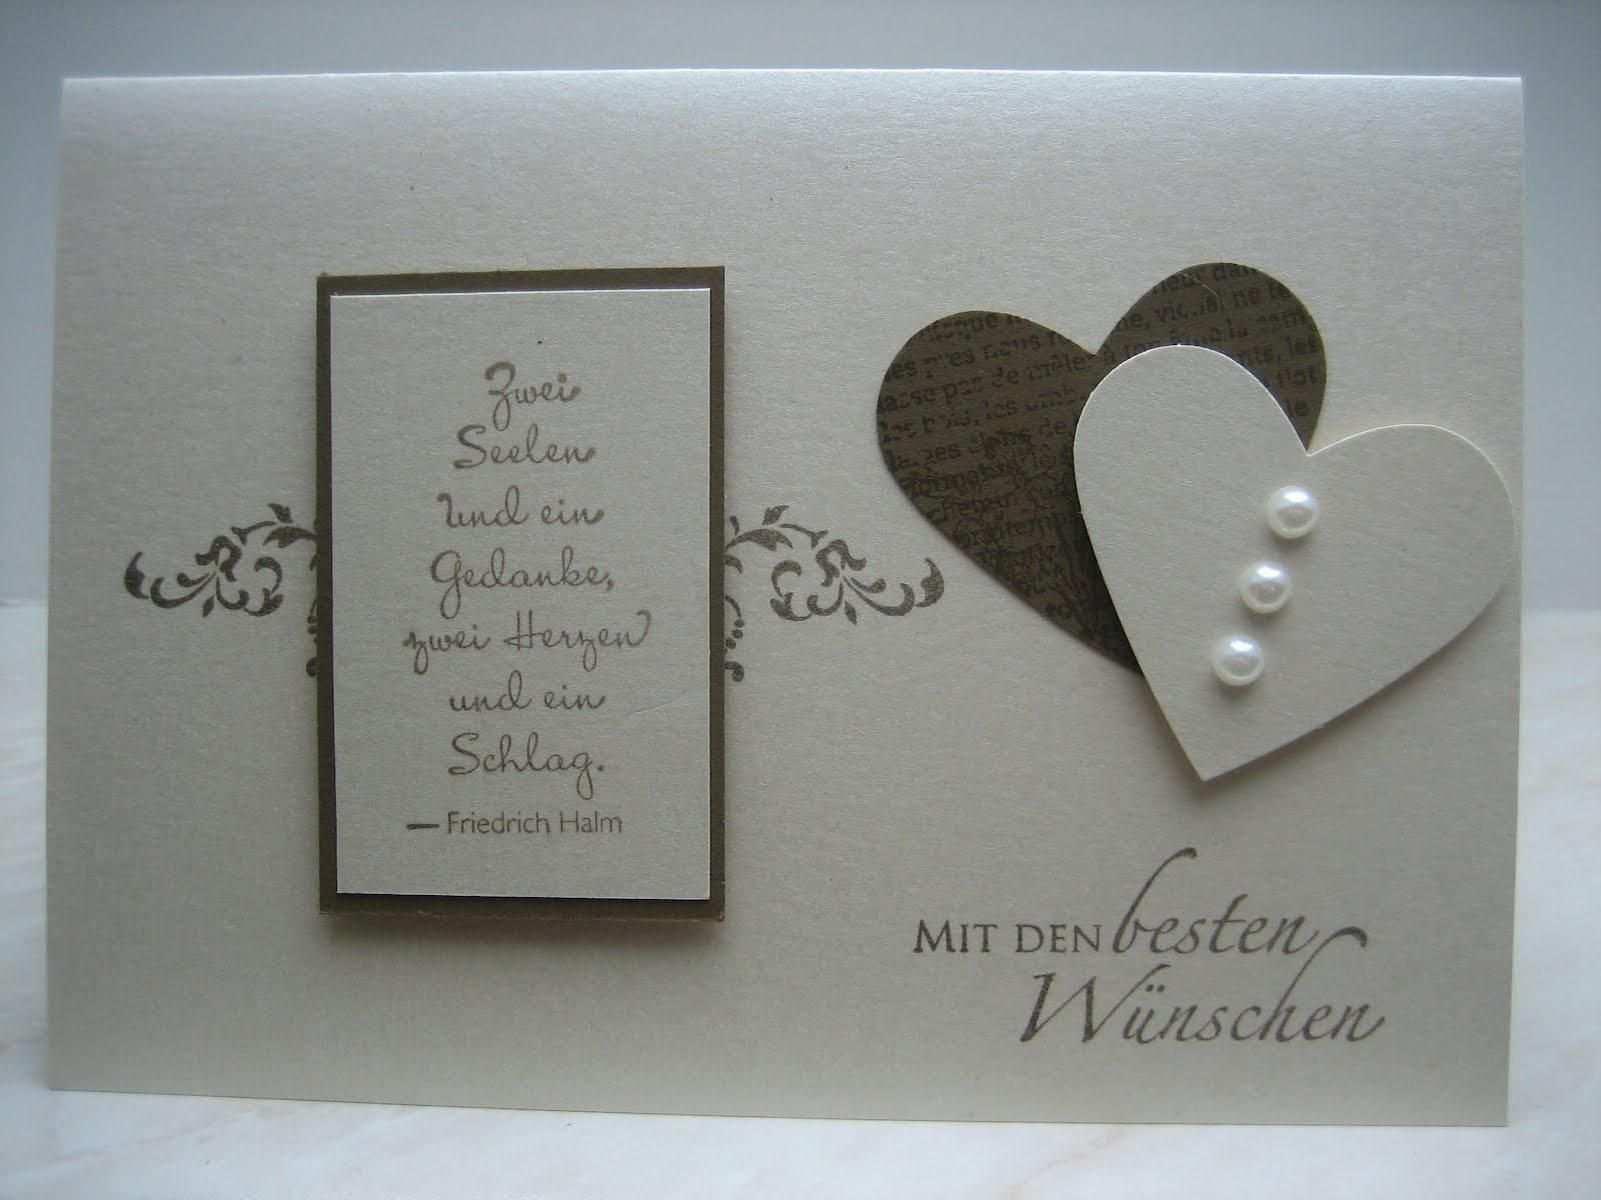 Hochzeitskarten Kostenlos Versenden Einladungskarten Hochzeit Selber Machen Karte Hochzeit Einladungskarten Hochzeit Selbst Gestalten